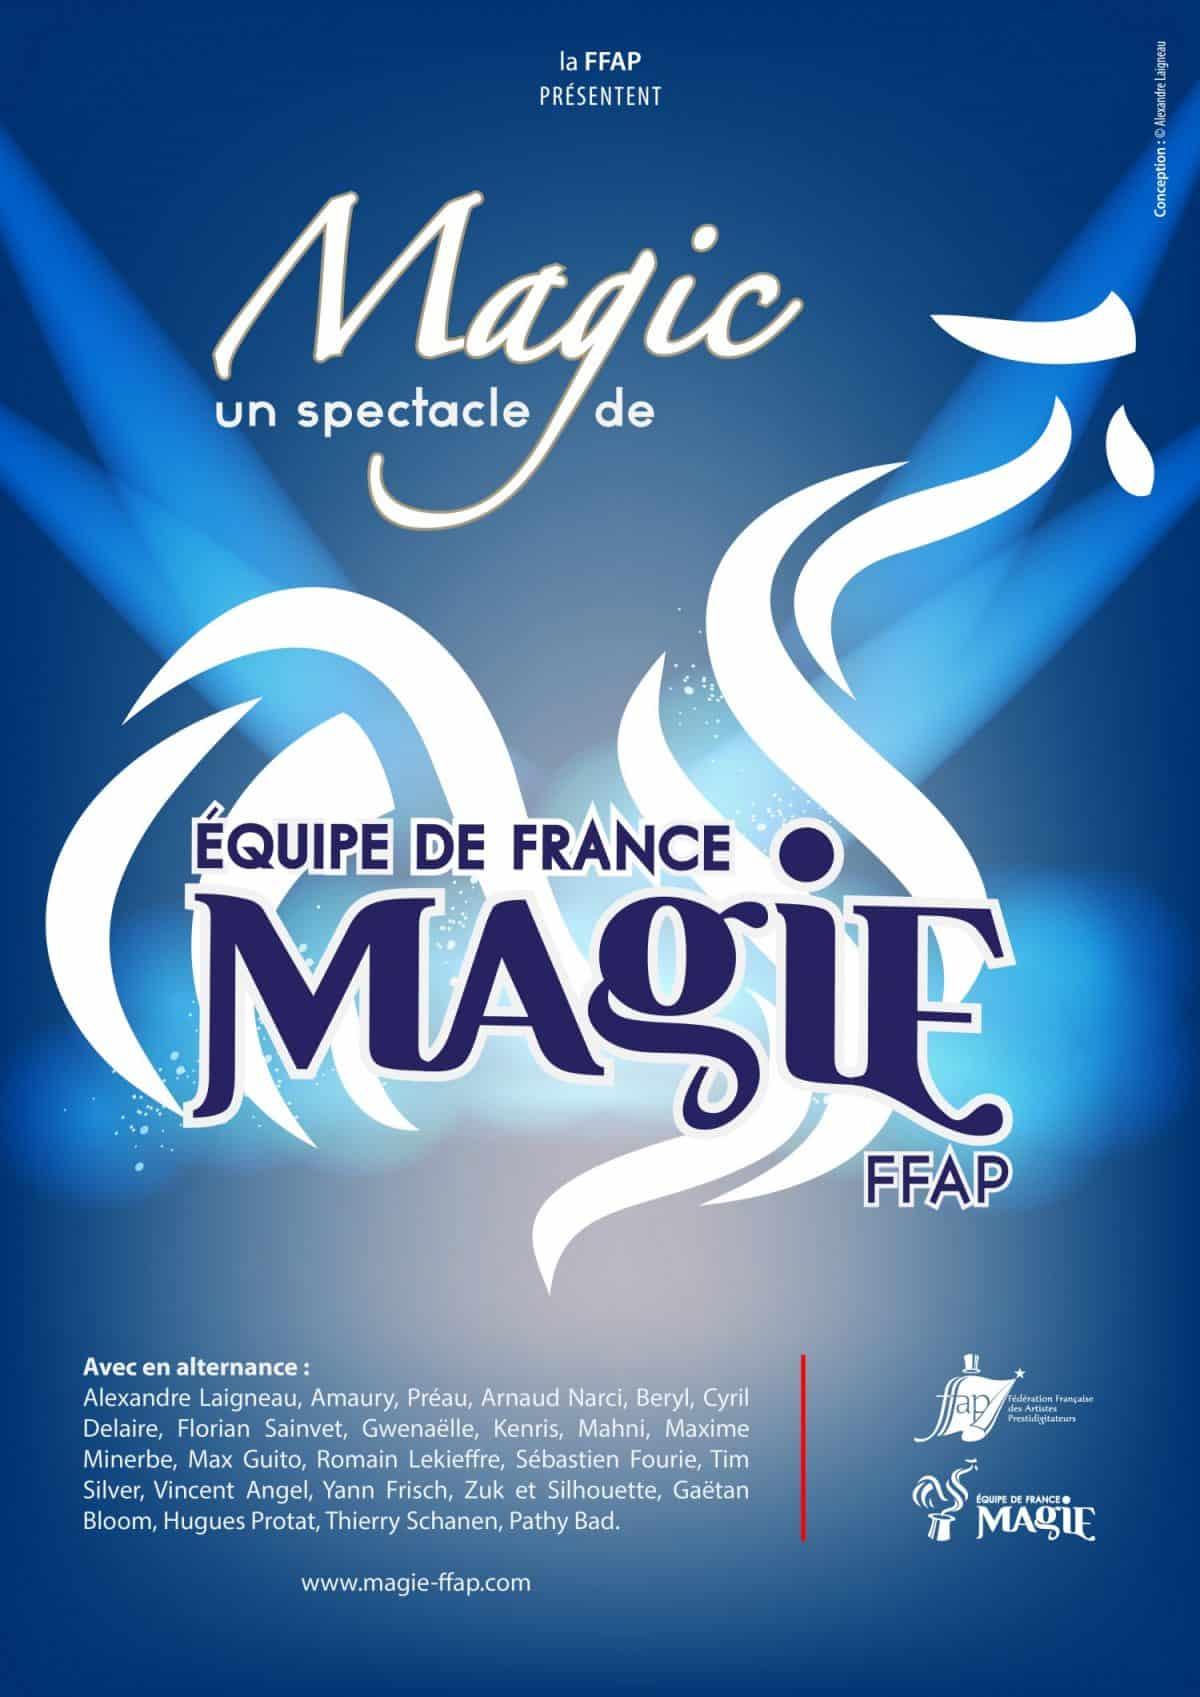 Affiche équipe de France de magie FFAP